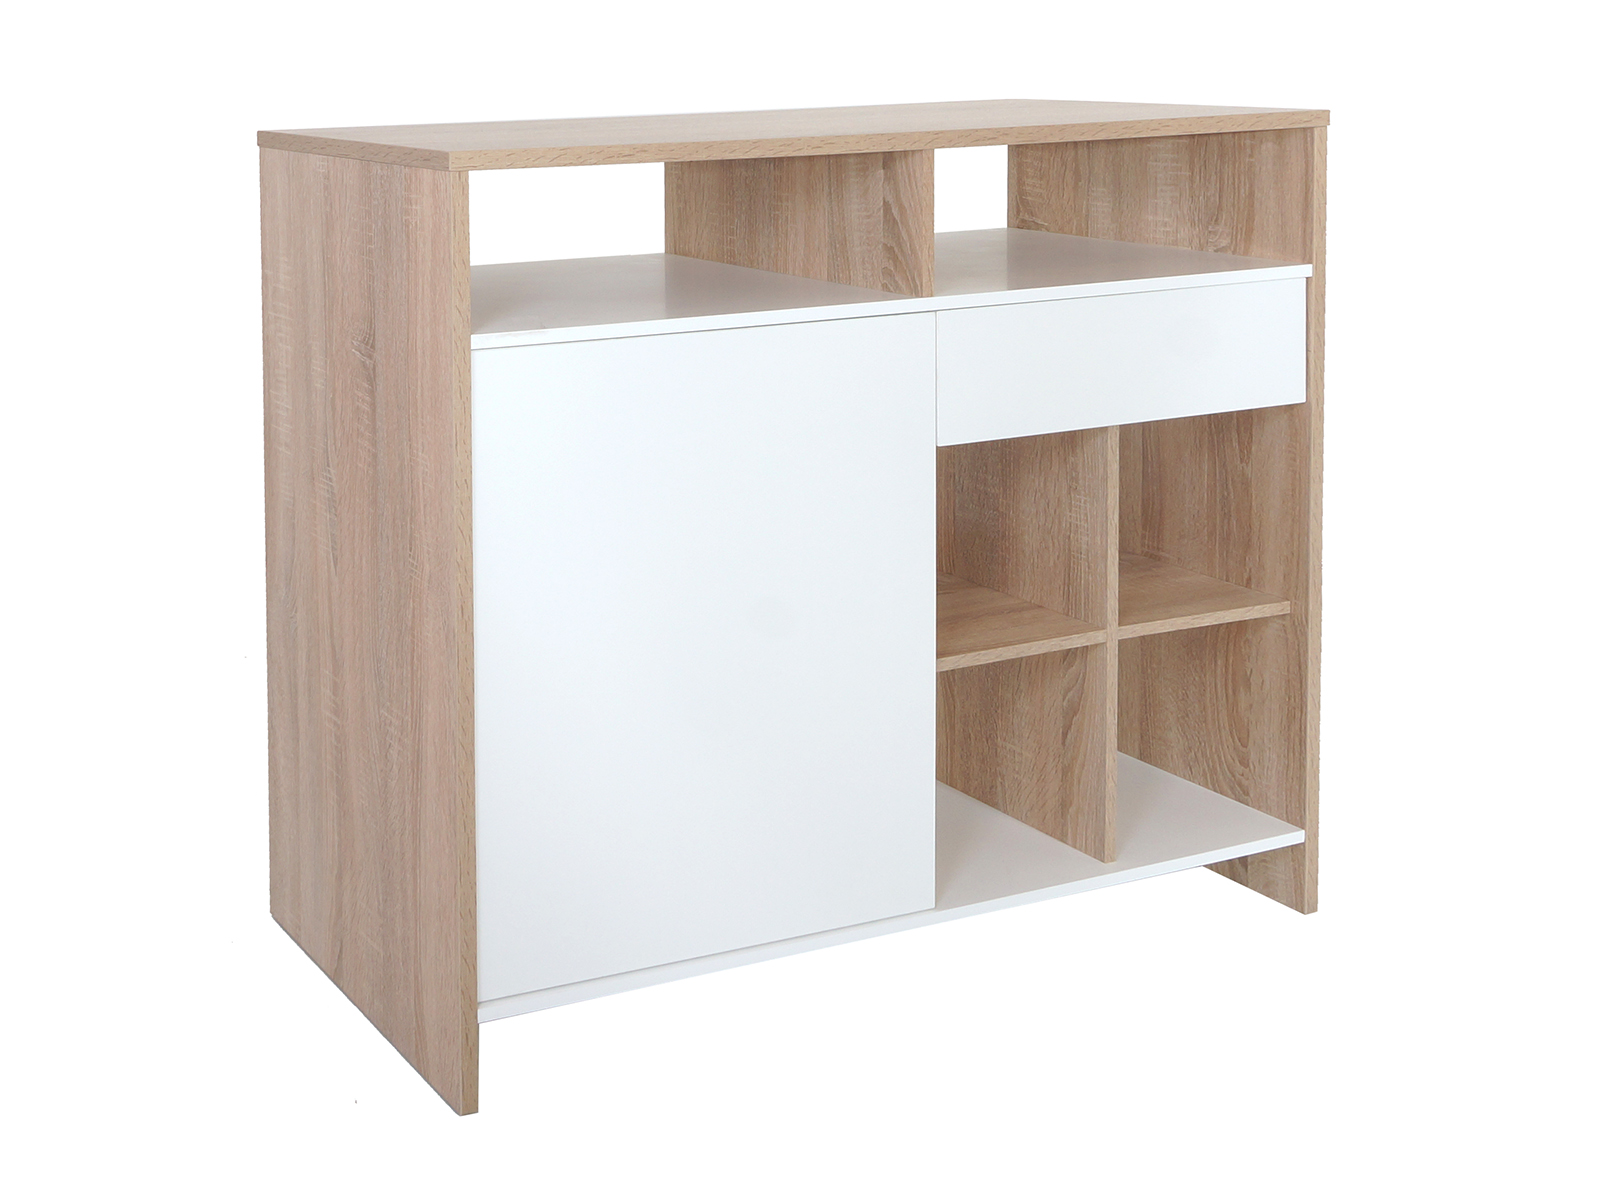 Стол TorontoБарные столы<br>Функциональный барный стол включает 6 полок для хранения, один выдвижной ящик, одно отделение с дверкой. Дверцы шкафа и выдвижной ящик открываются за кромку. Идеальное решение для маленьких пространств, может служить пристенным шкафом или полноценным барн...<br><br>kit: None<br>gender: None